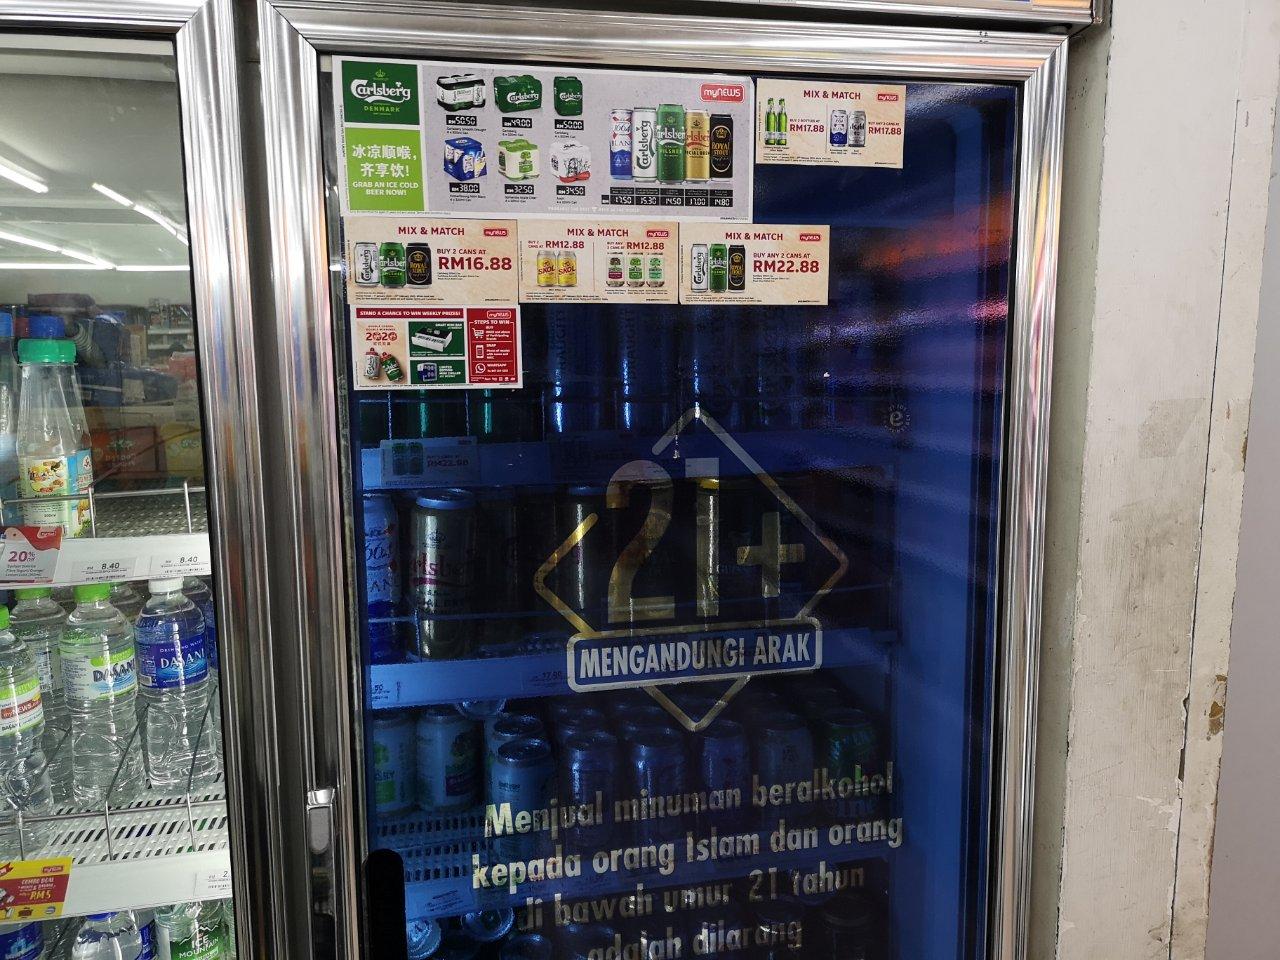 KLセントラル駅ビール売り場4